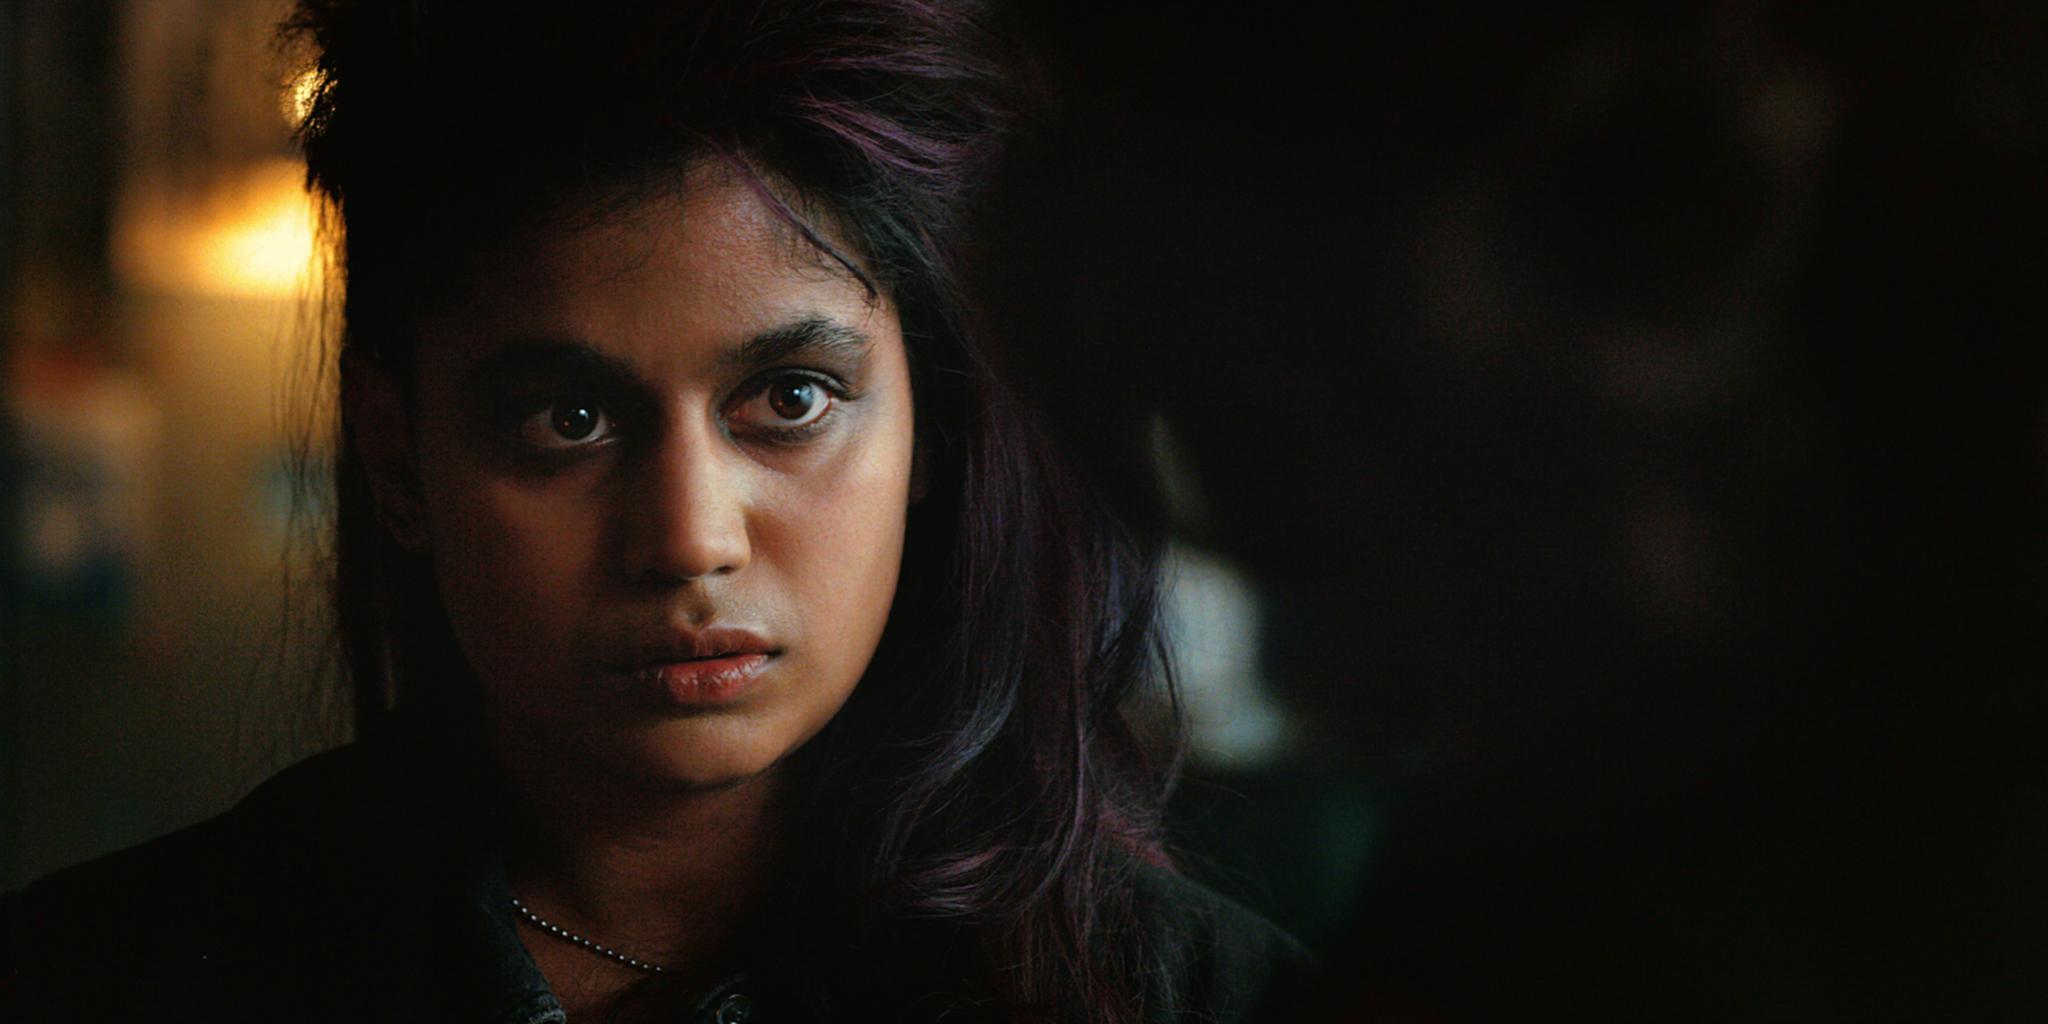 Linnea Berthelsen in Stranger Things (2016)